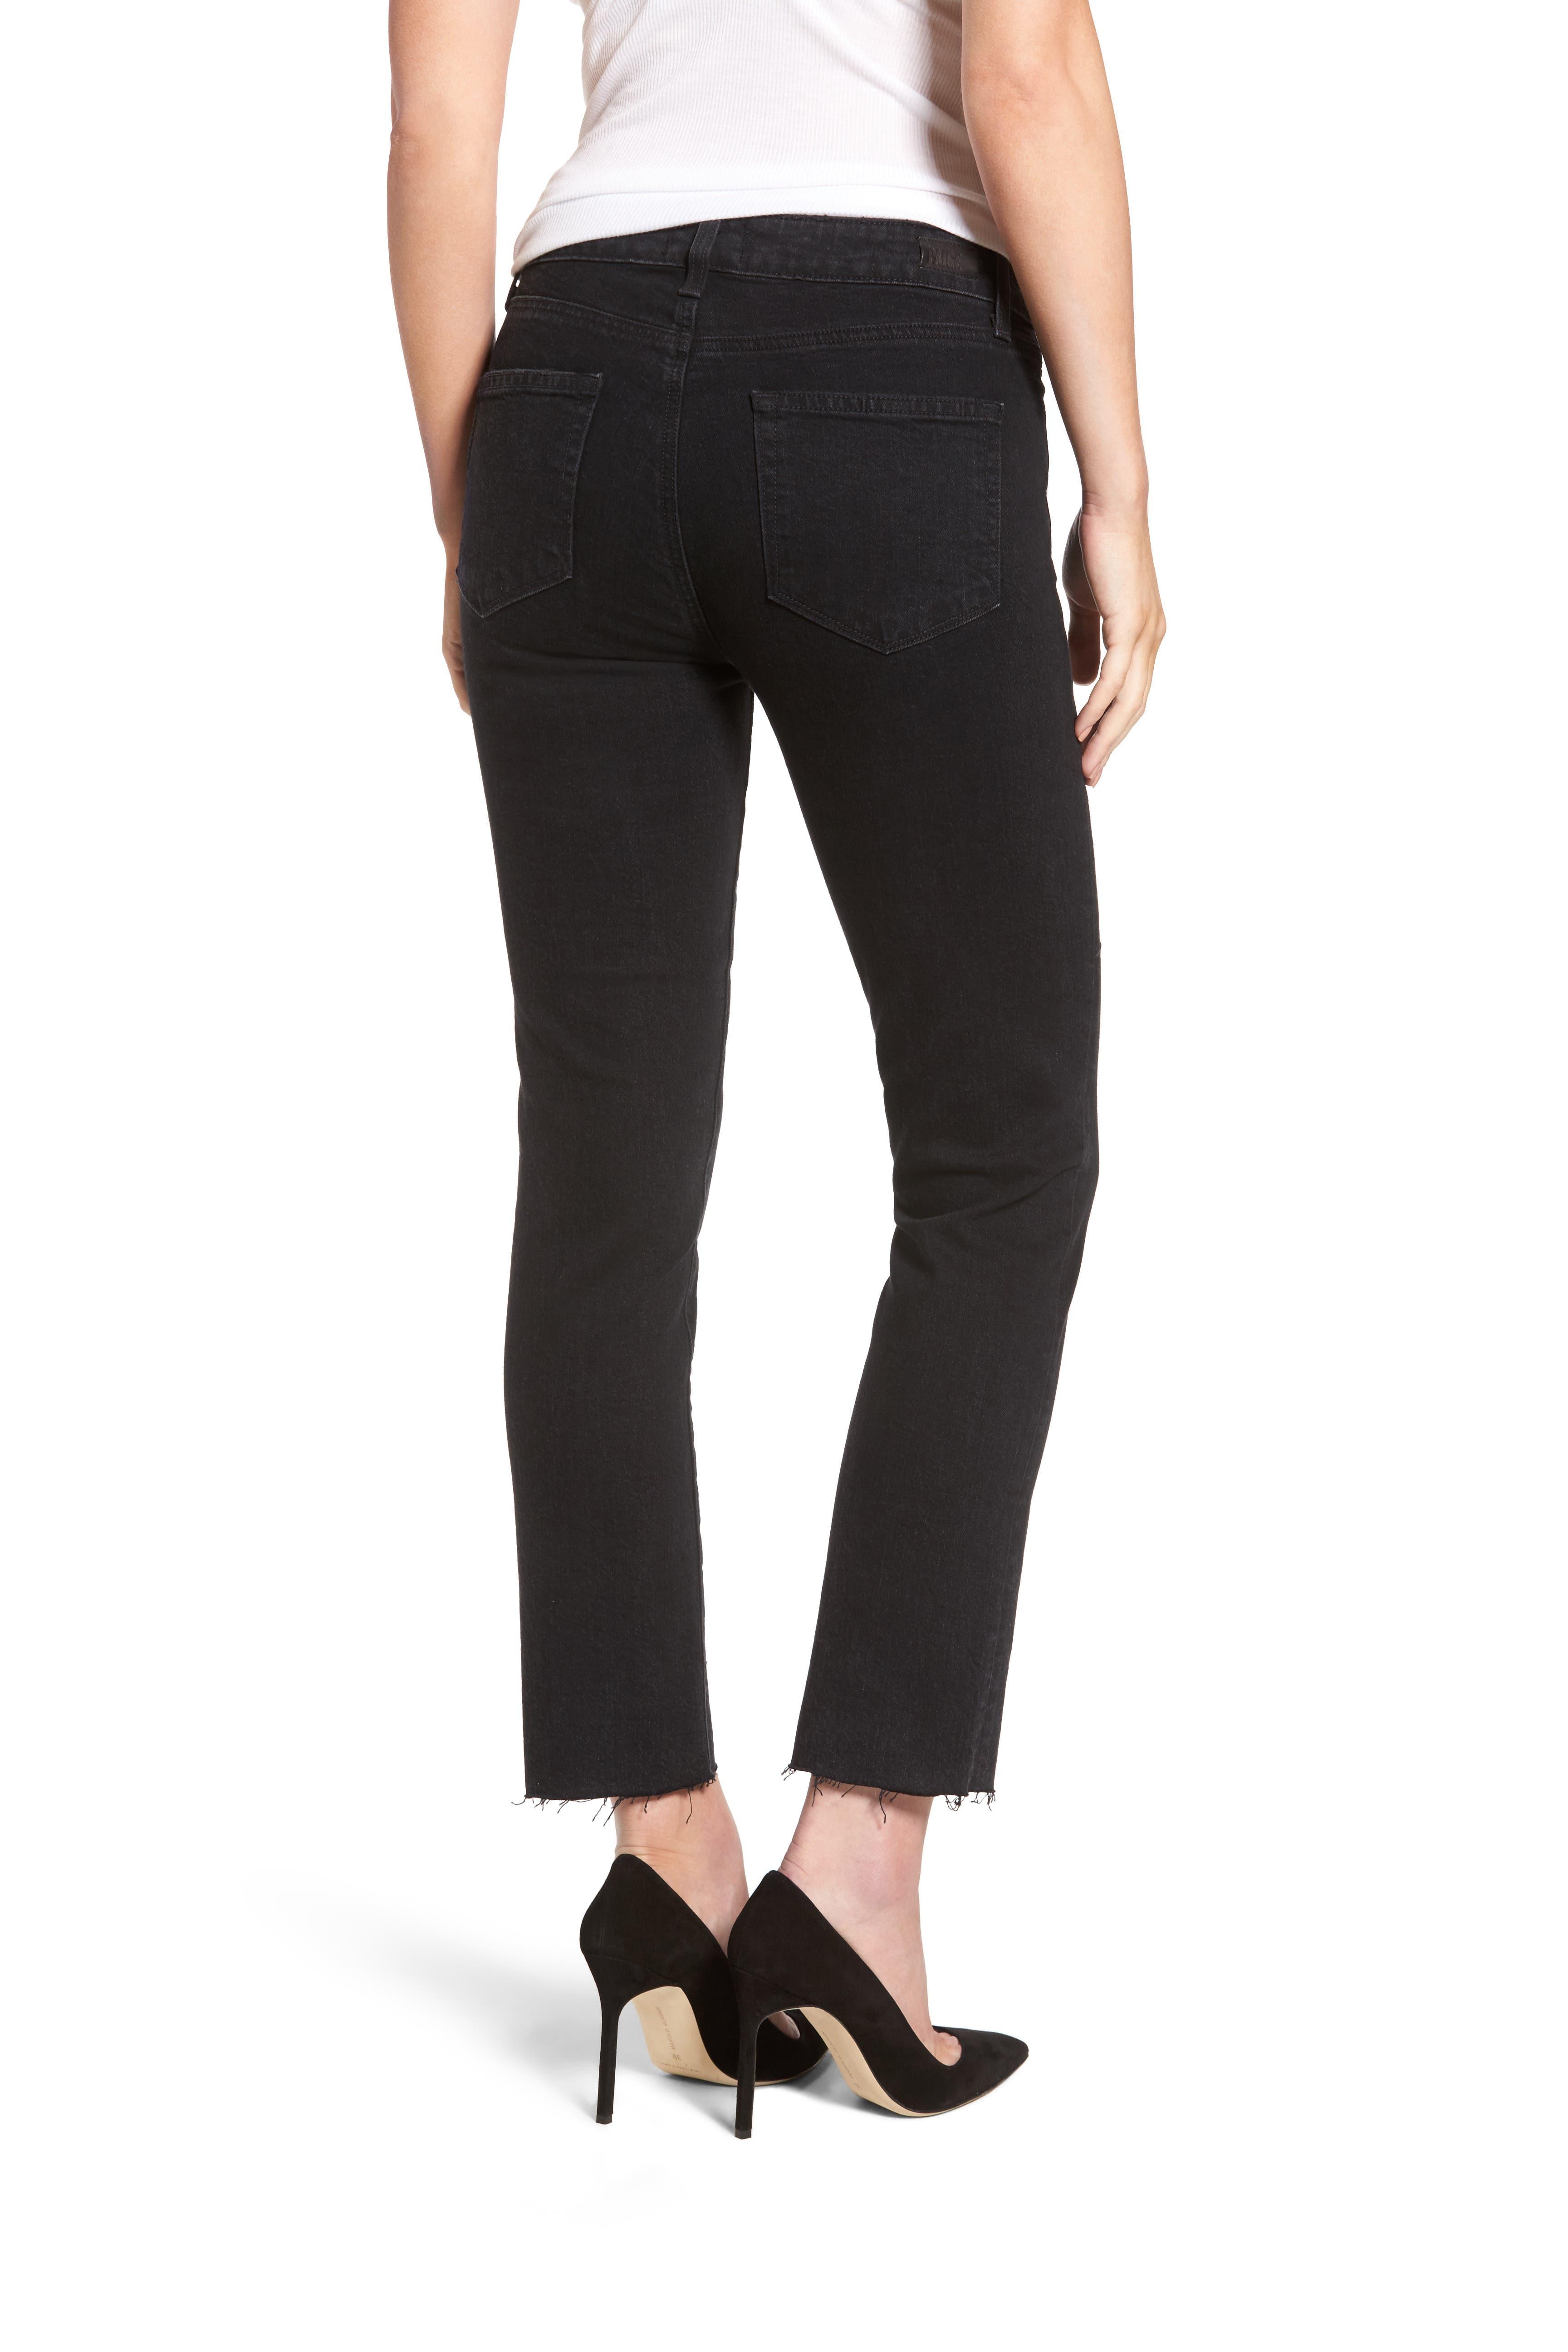 Jacqueline High Waist Crop Straight Leg Jeans,                             Alternate thumbnail 2, color,                             001